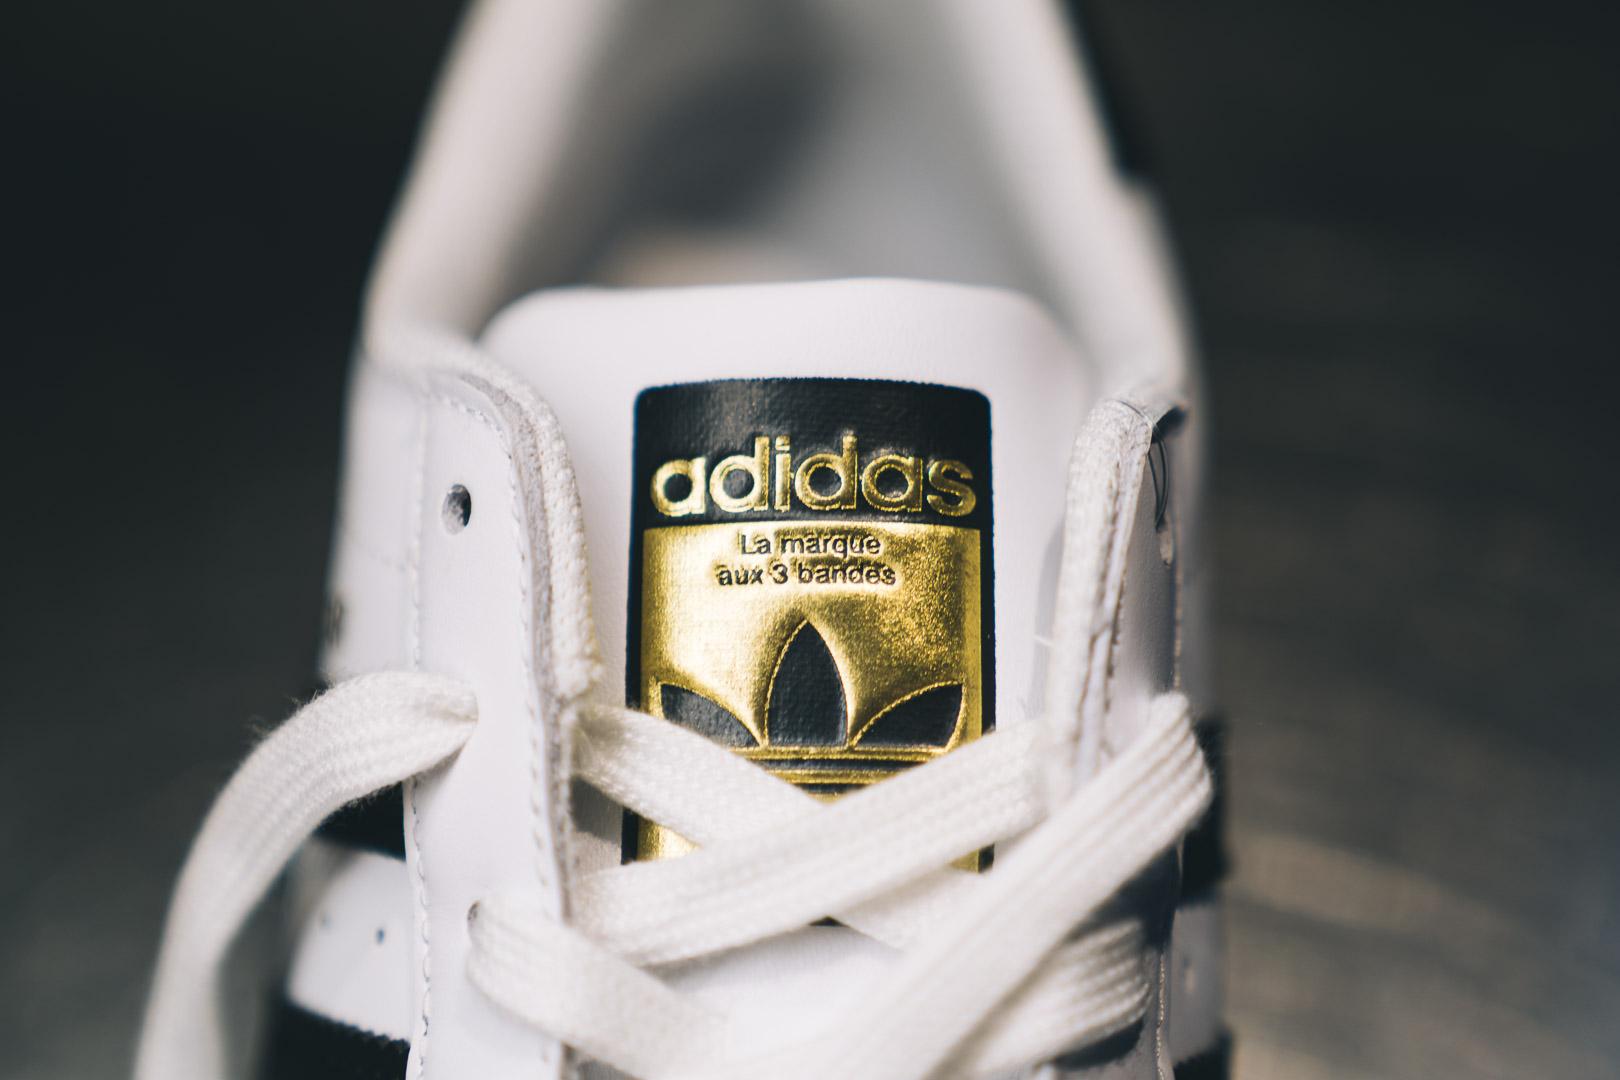 Adidas Superstar: Eine Ikone über Generationen hinaus